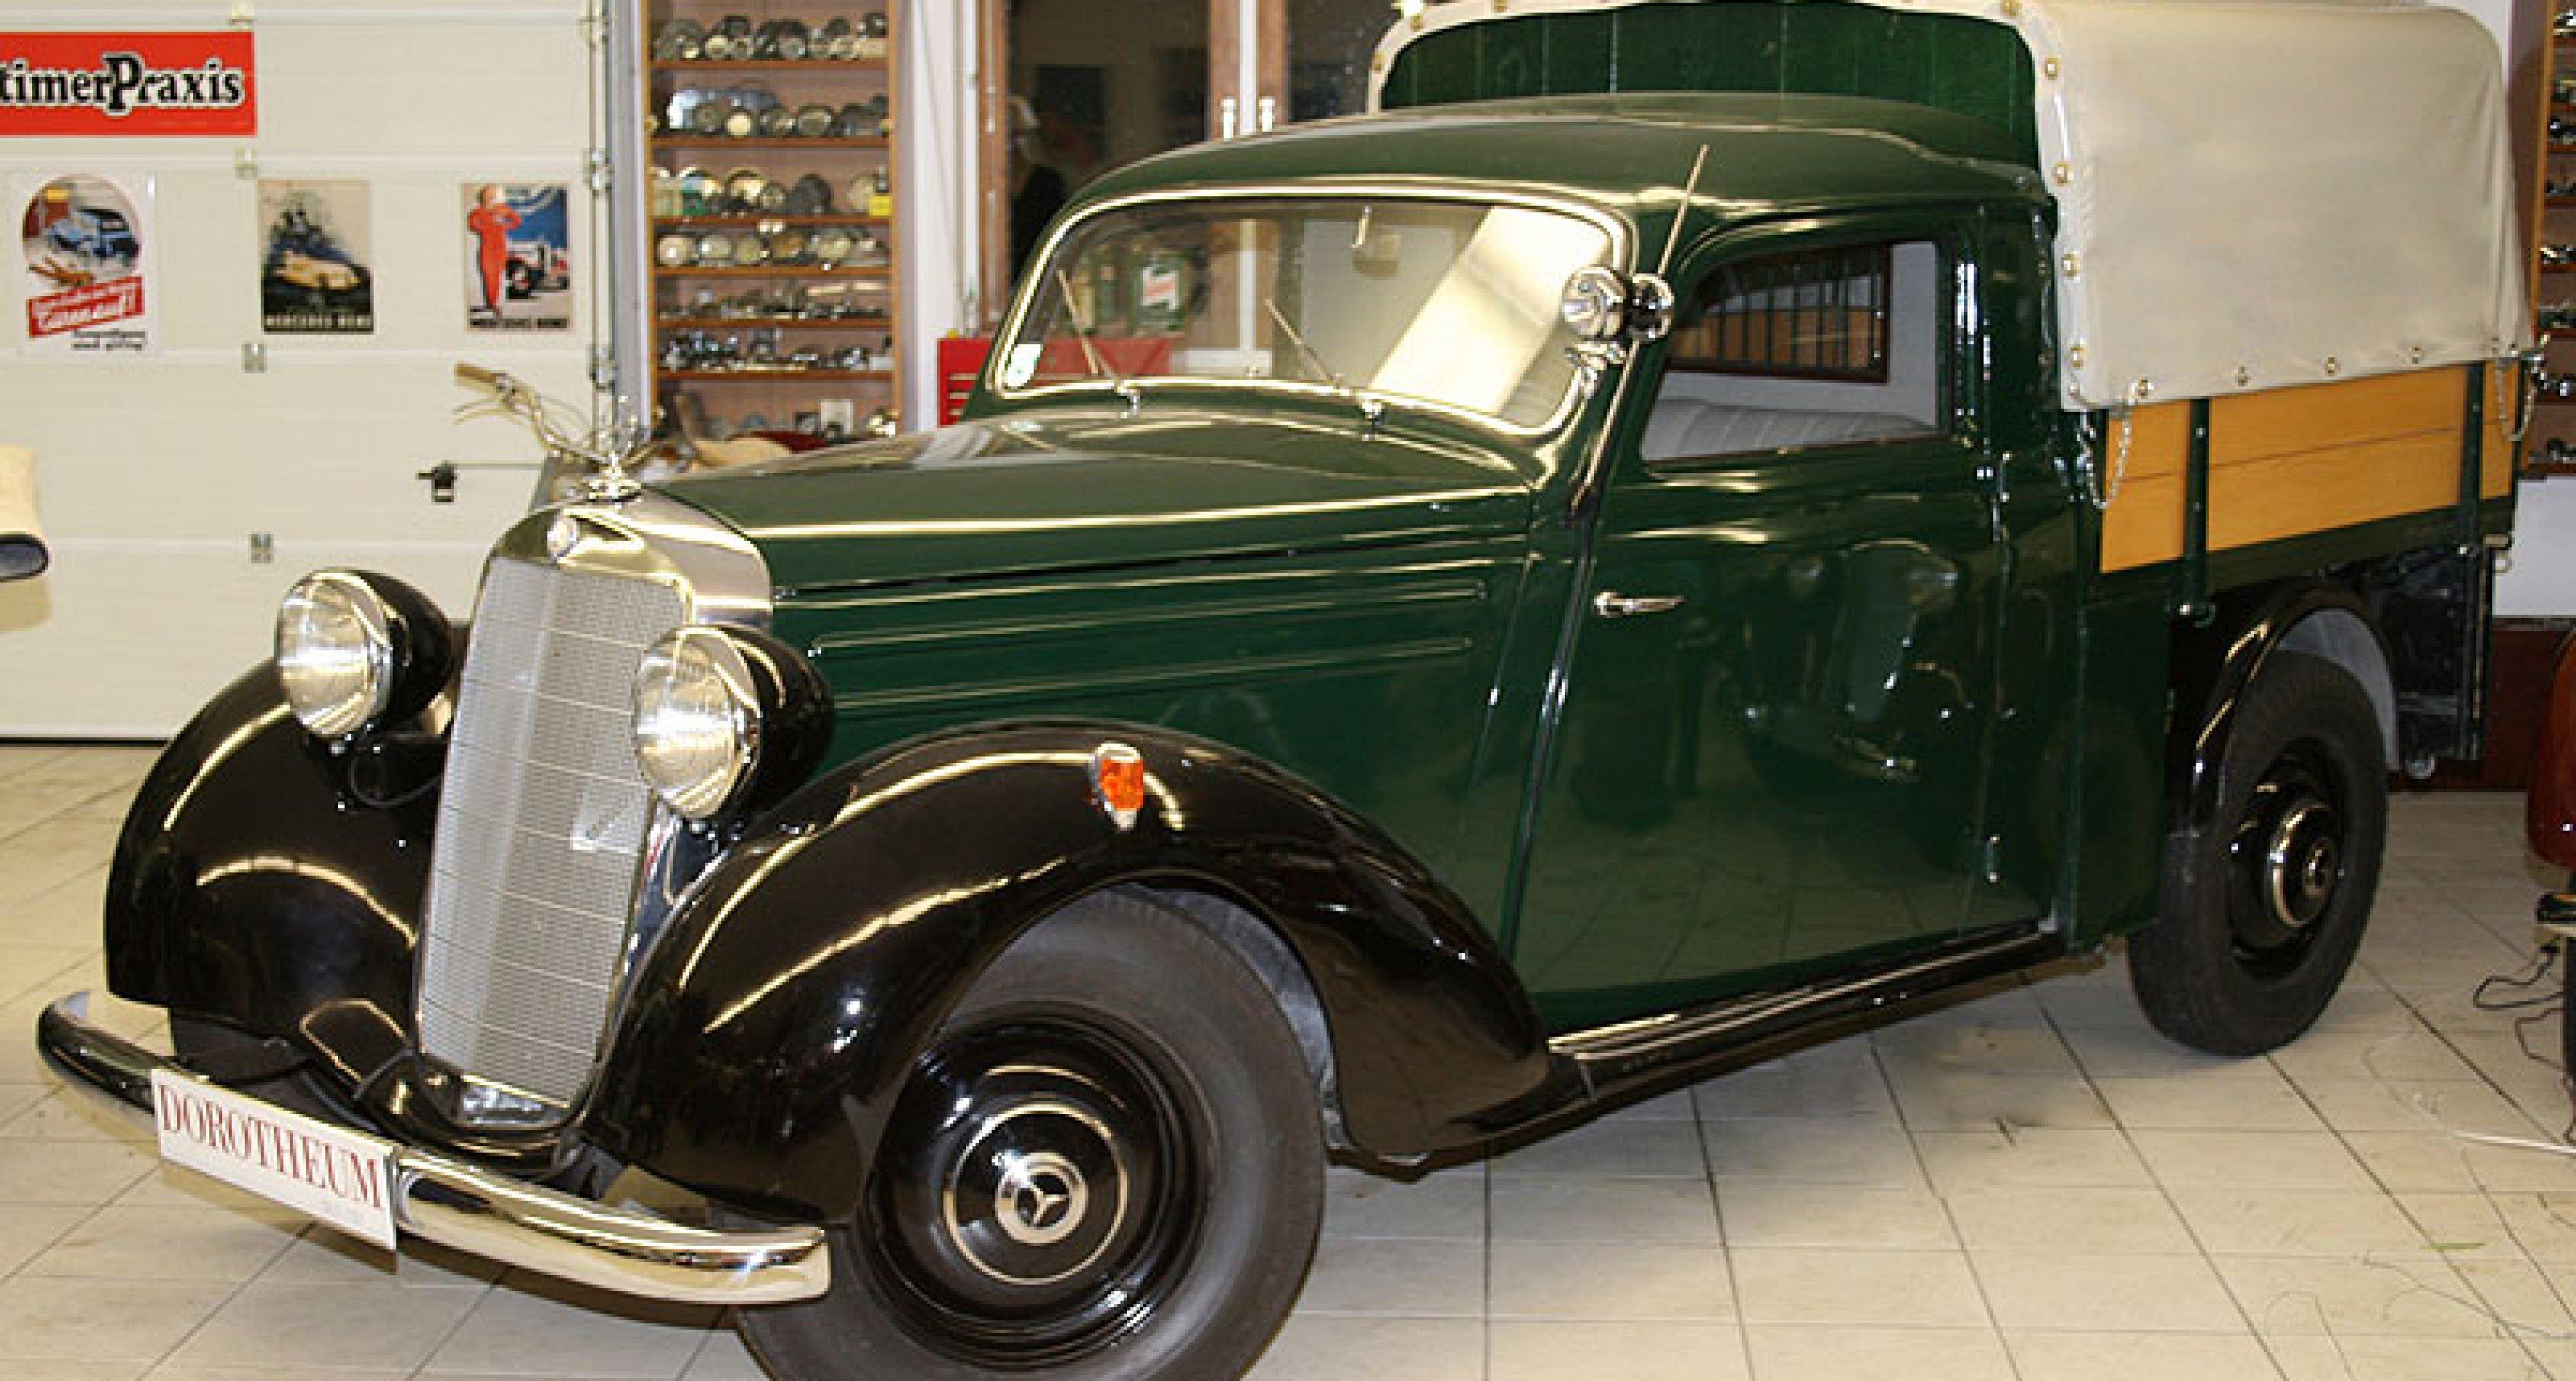 Dorotheum Salzburg Auktion 2008 - Vorschau